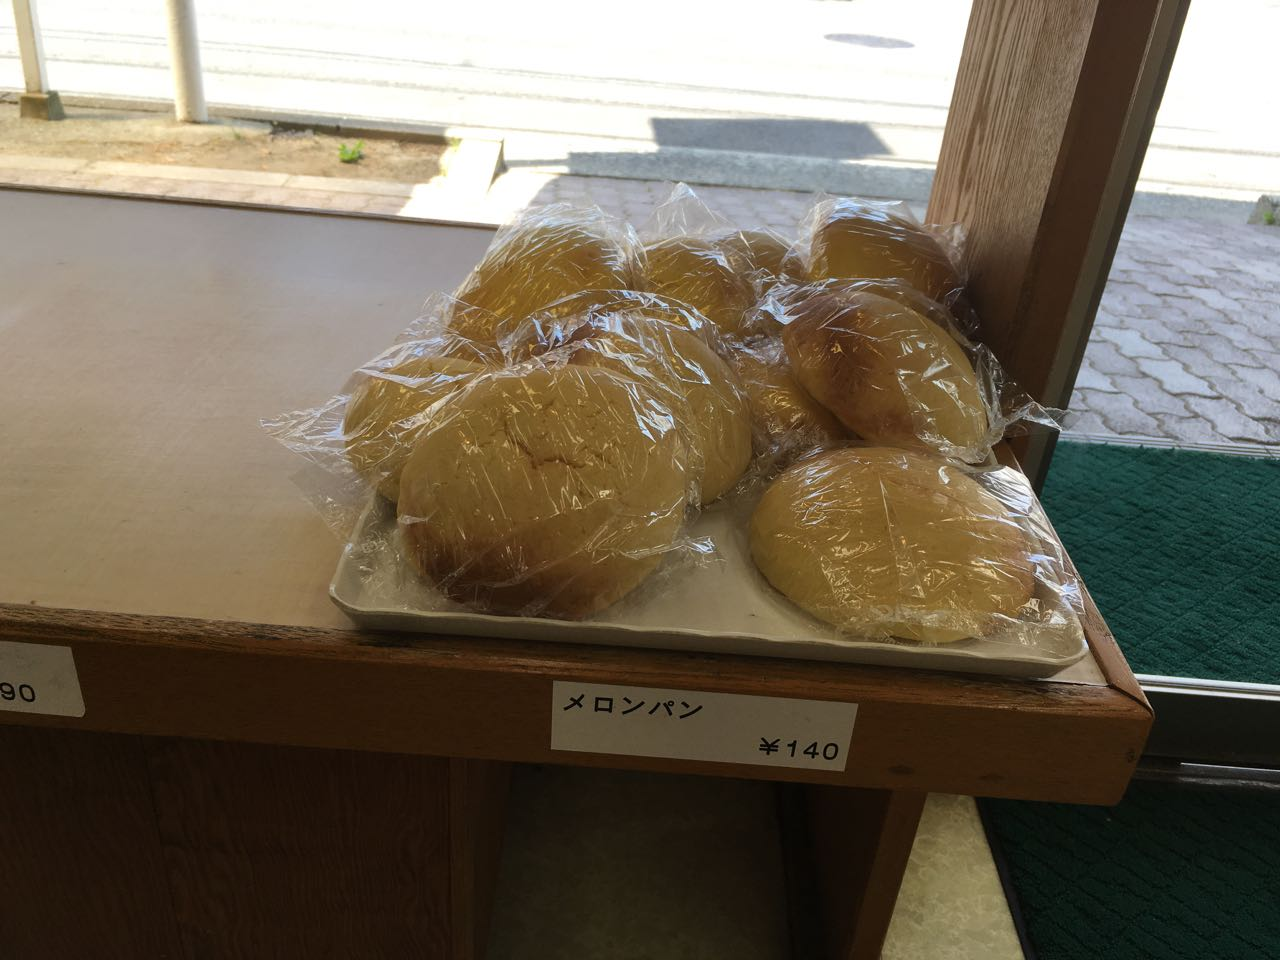 みとん今治,こがねパン,末広町,パン